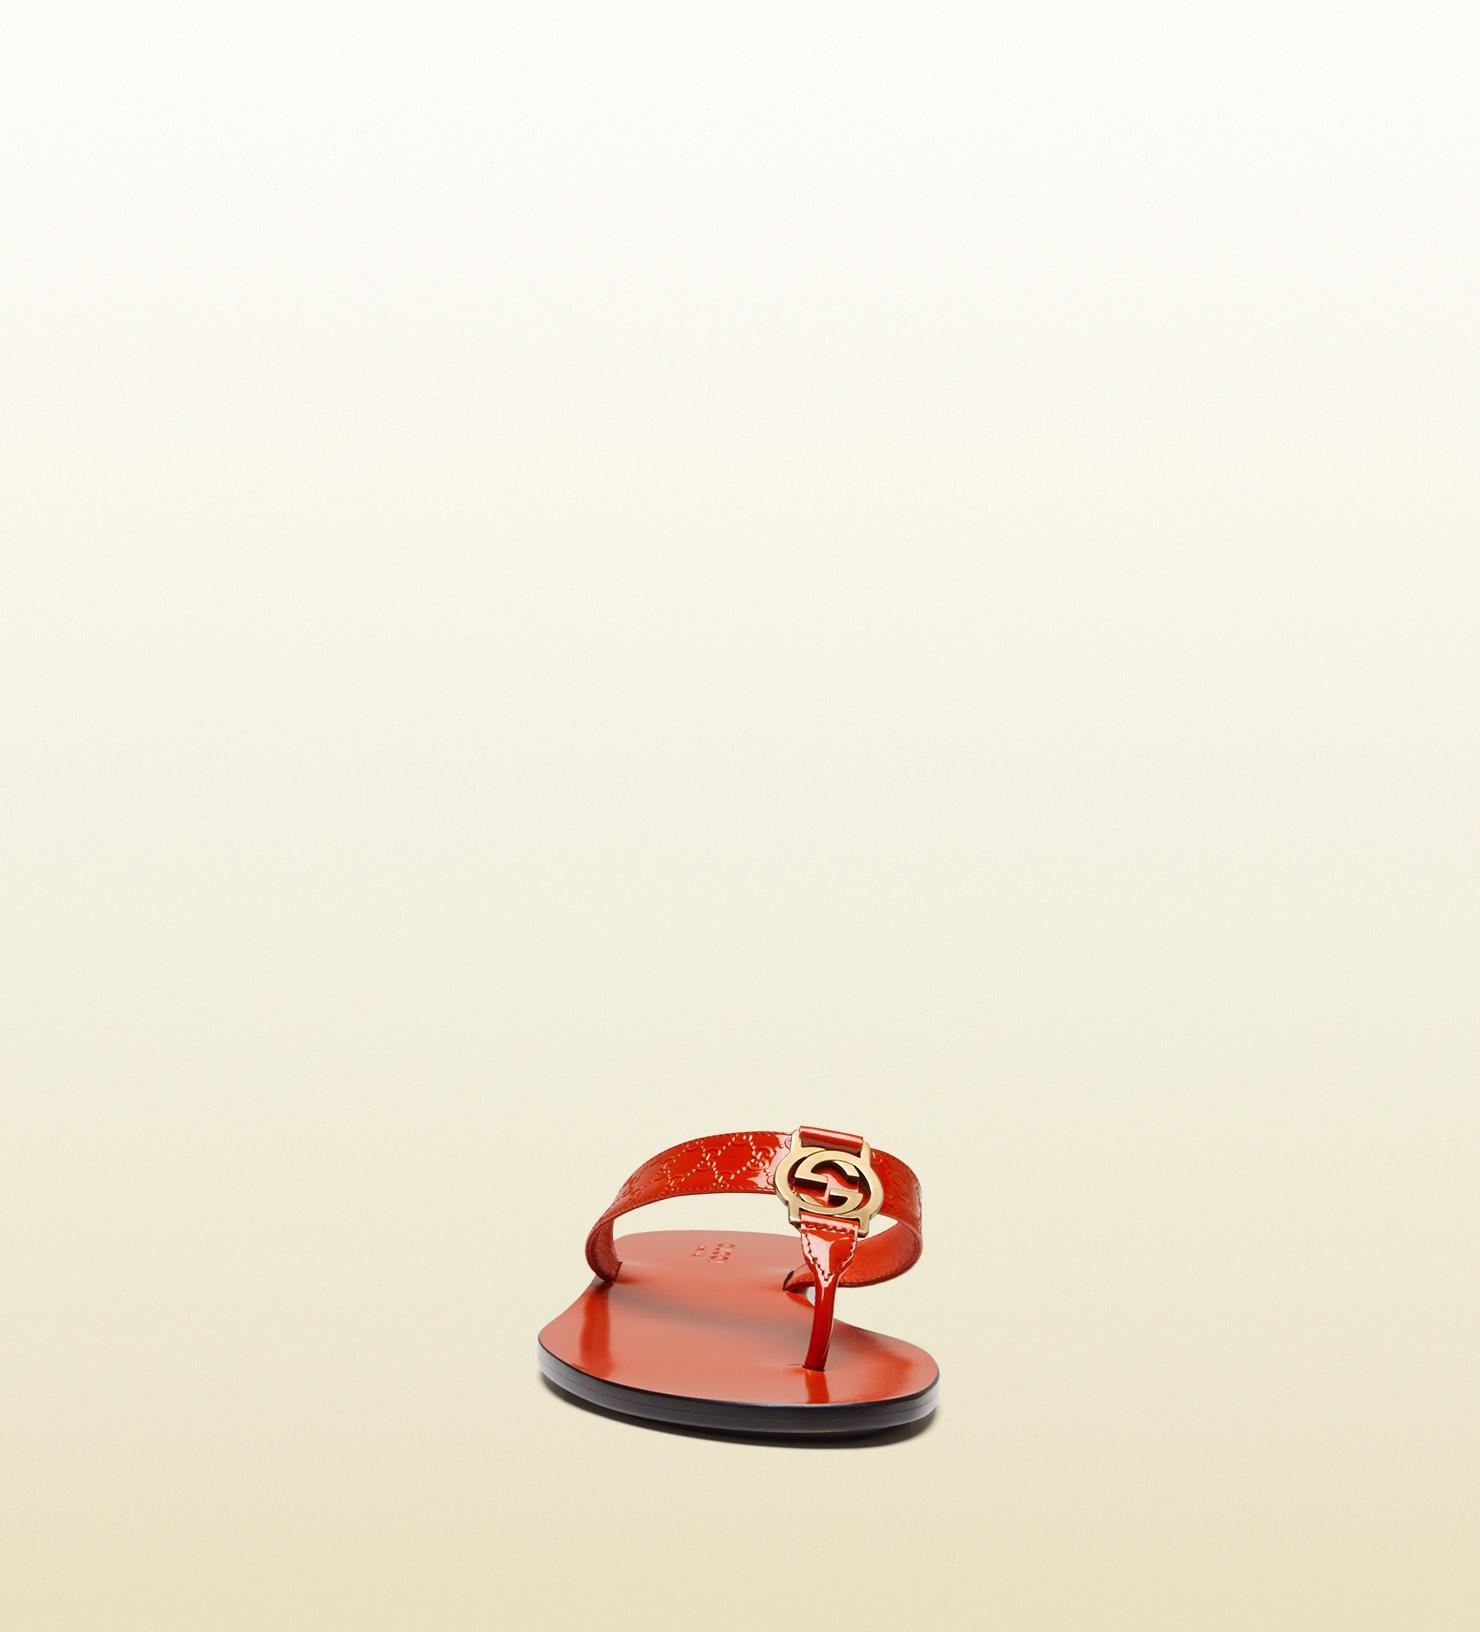 da0701a7569b Lyst - Gucci Gg Thong Patent Leather Sandal in Orange